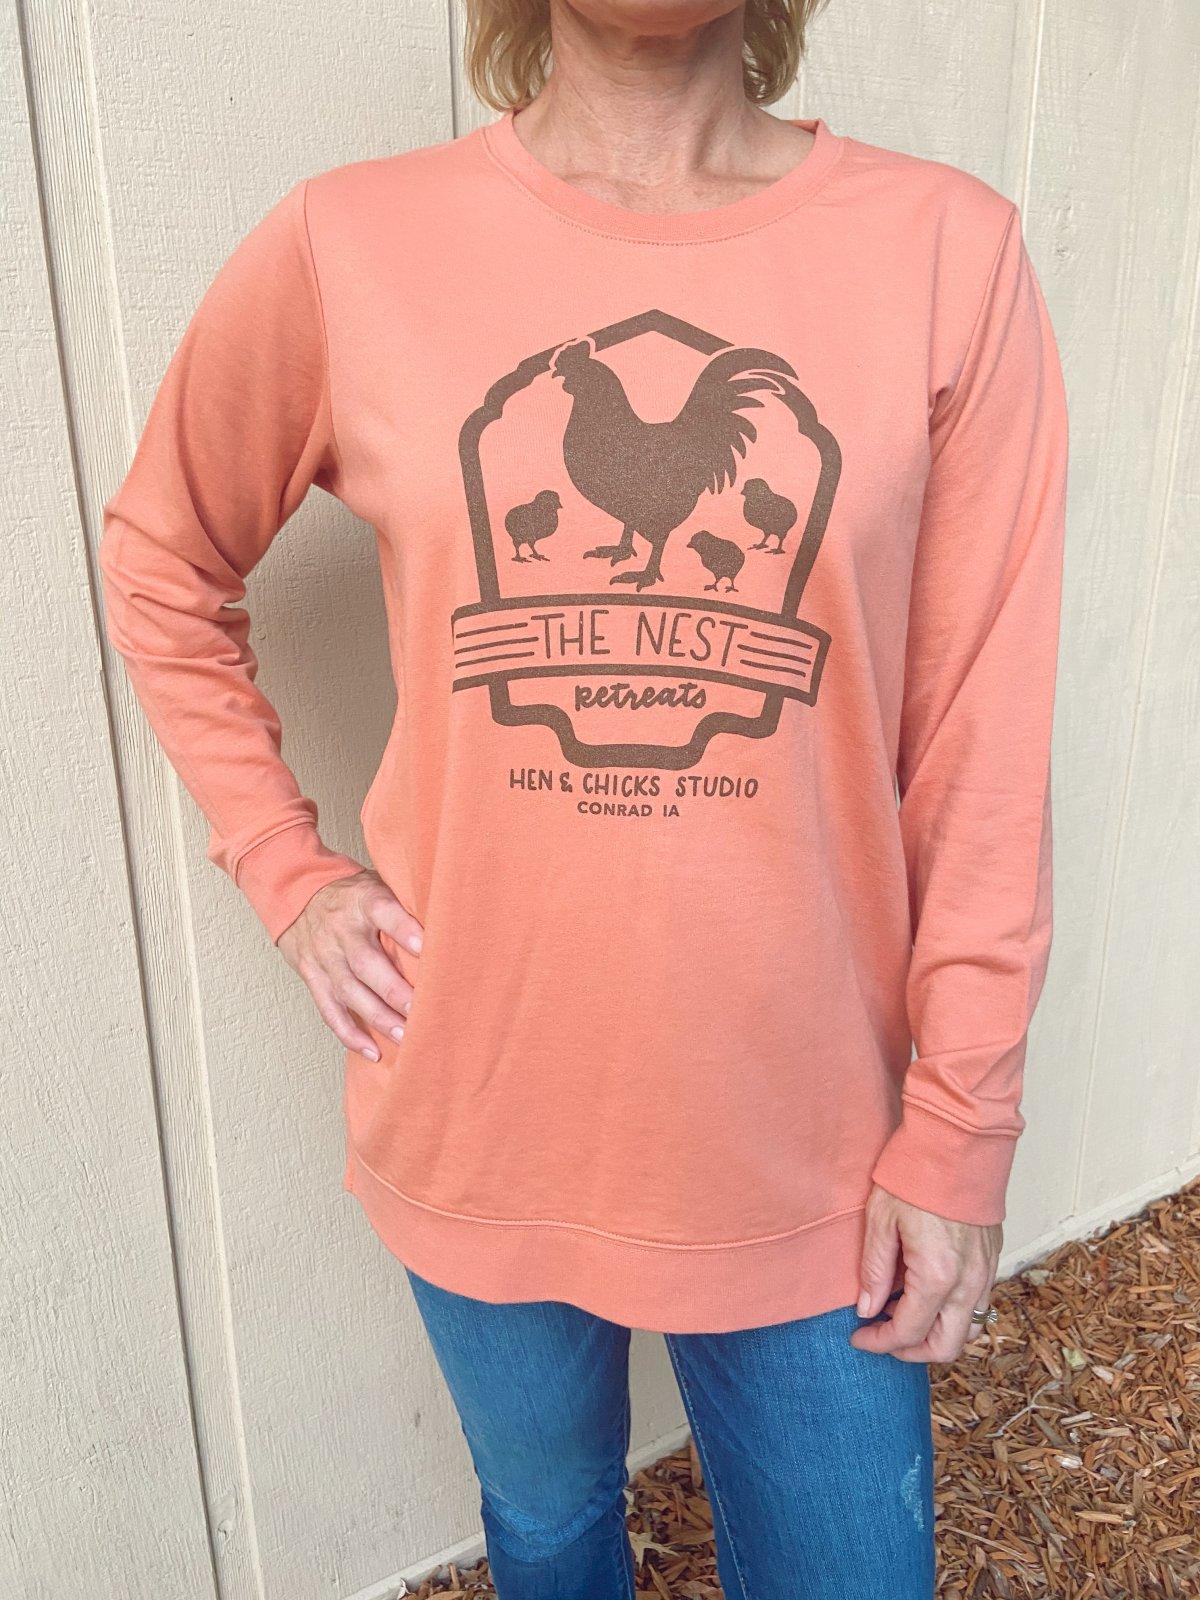 Long Sleeve: Lightweight Terry Terra Cotta T-shirt